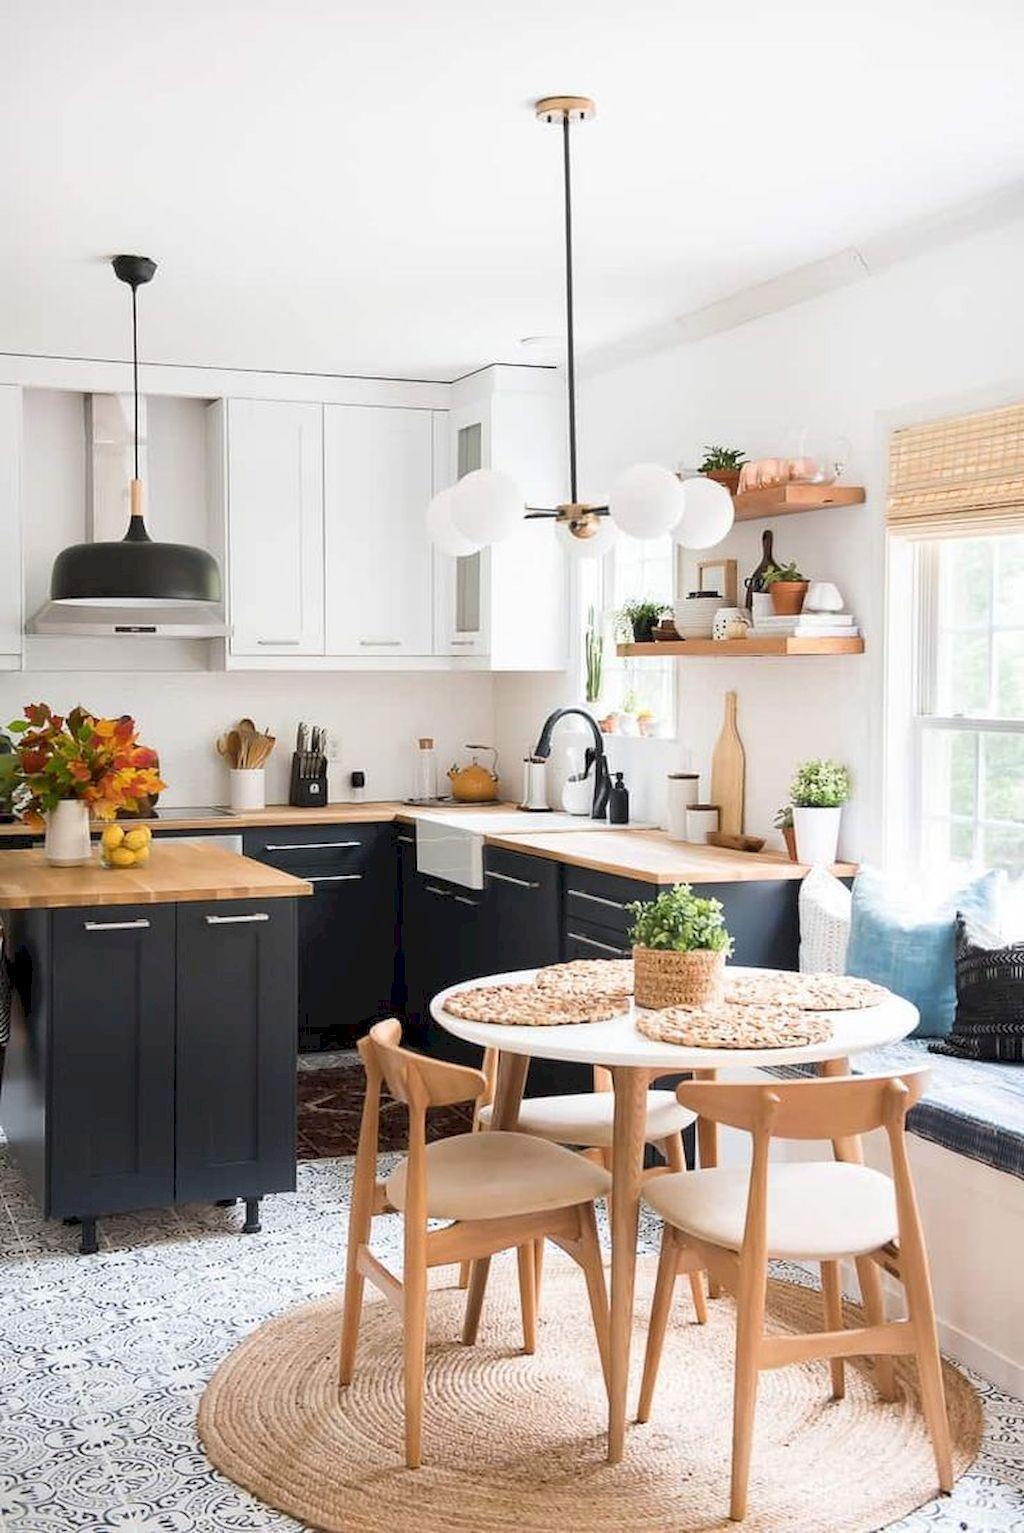 18+ Transcendent Rustic Kitchen Remodel Back Splashes Ideas